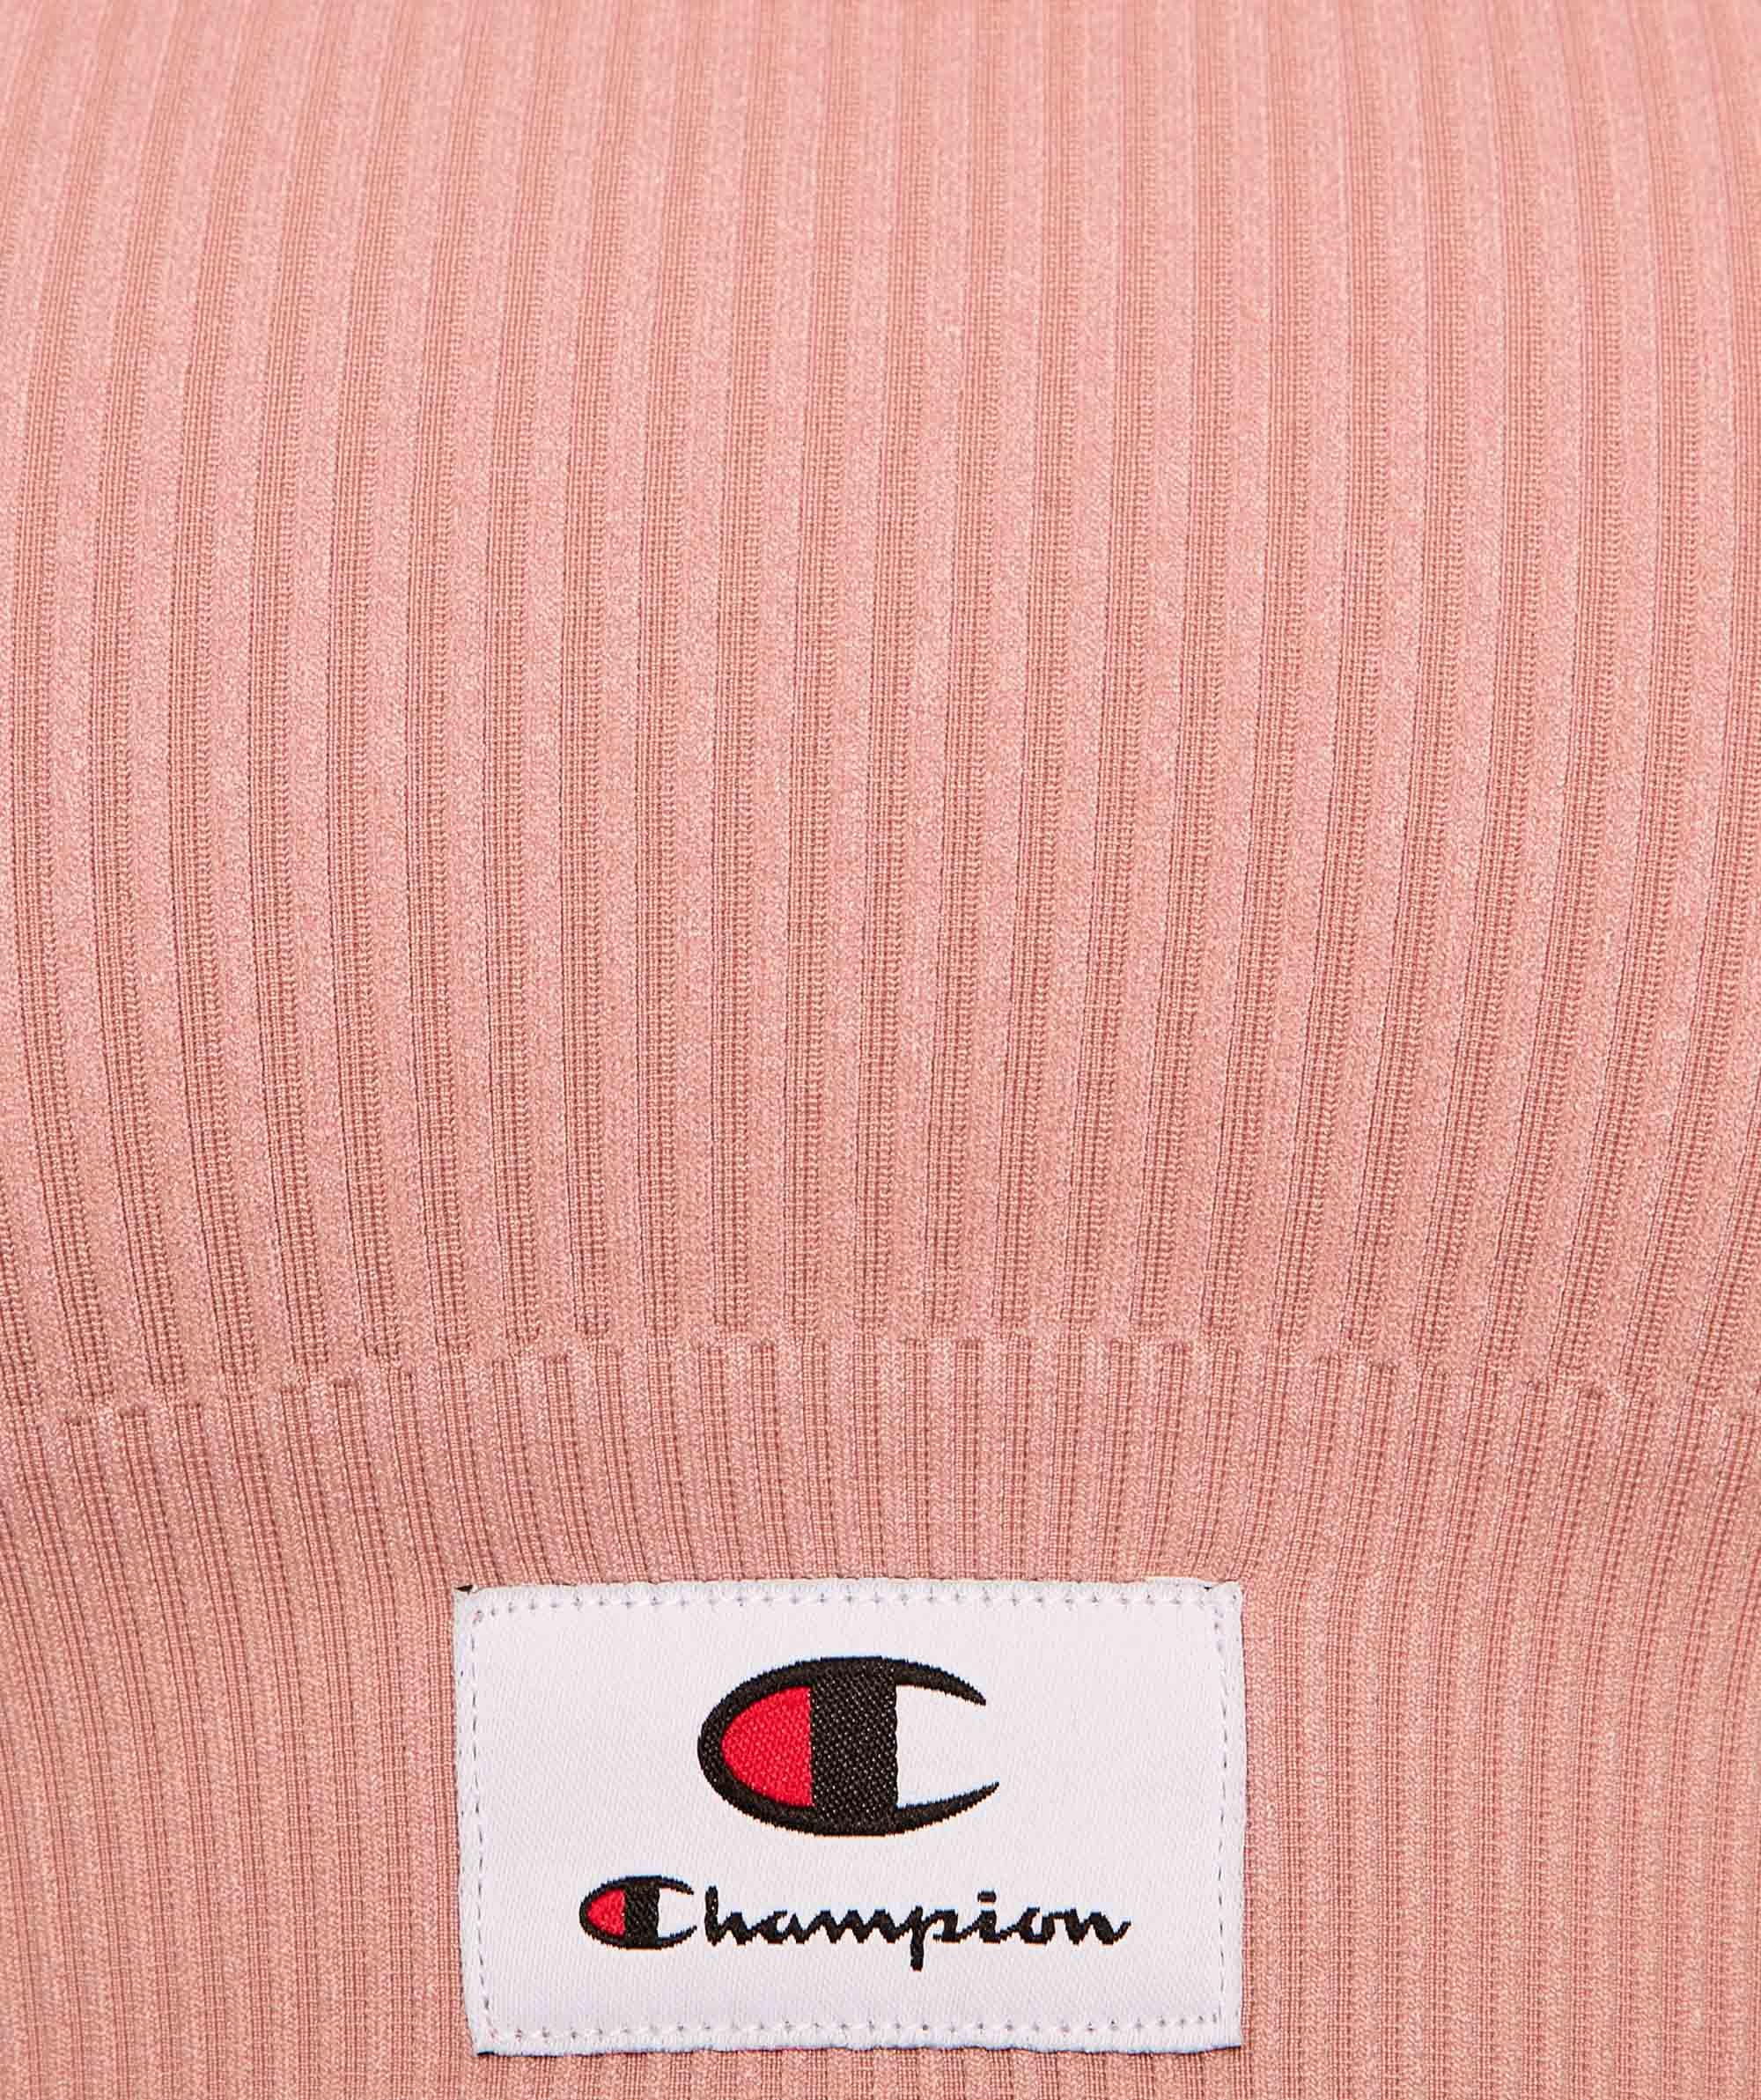 Champion Life Seamfree Rib High Cut Bikini Knicker - Light Pink